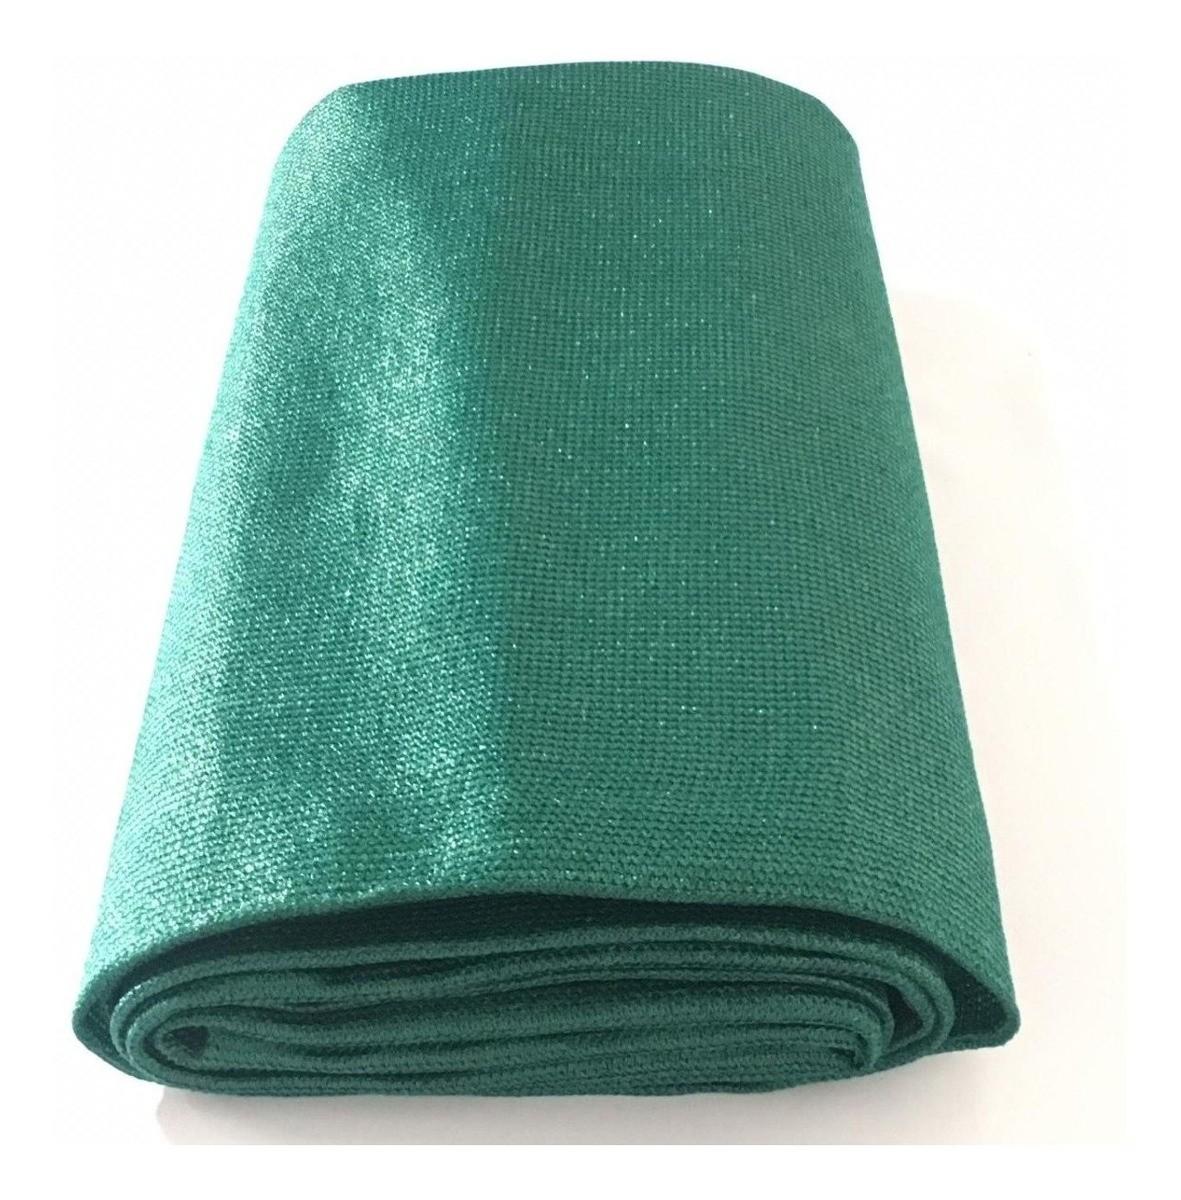 Tela Shade Sombrite Toldo Decorativa Verde Com Bainha e Ilhós 5x5m